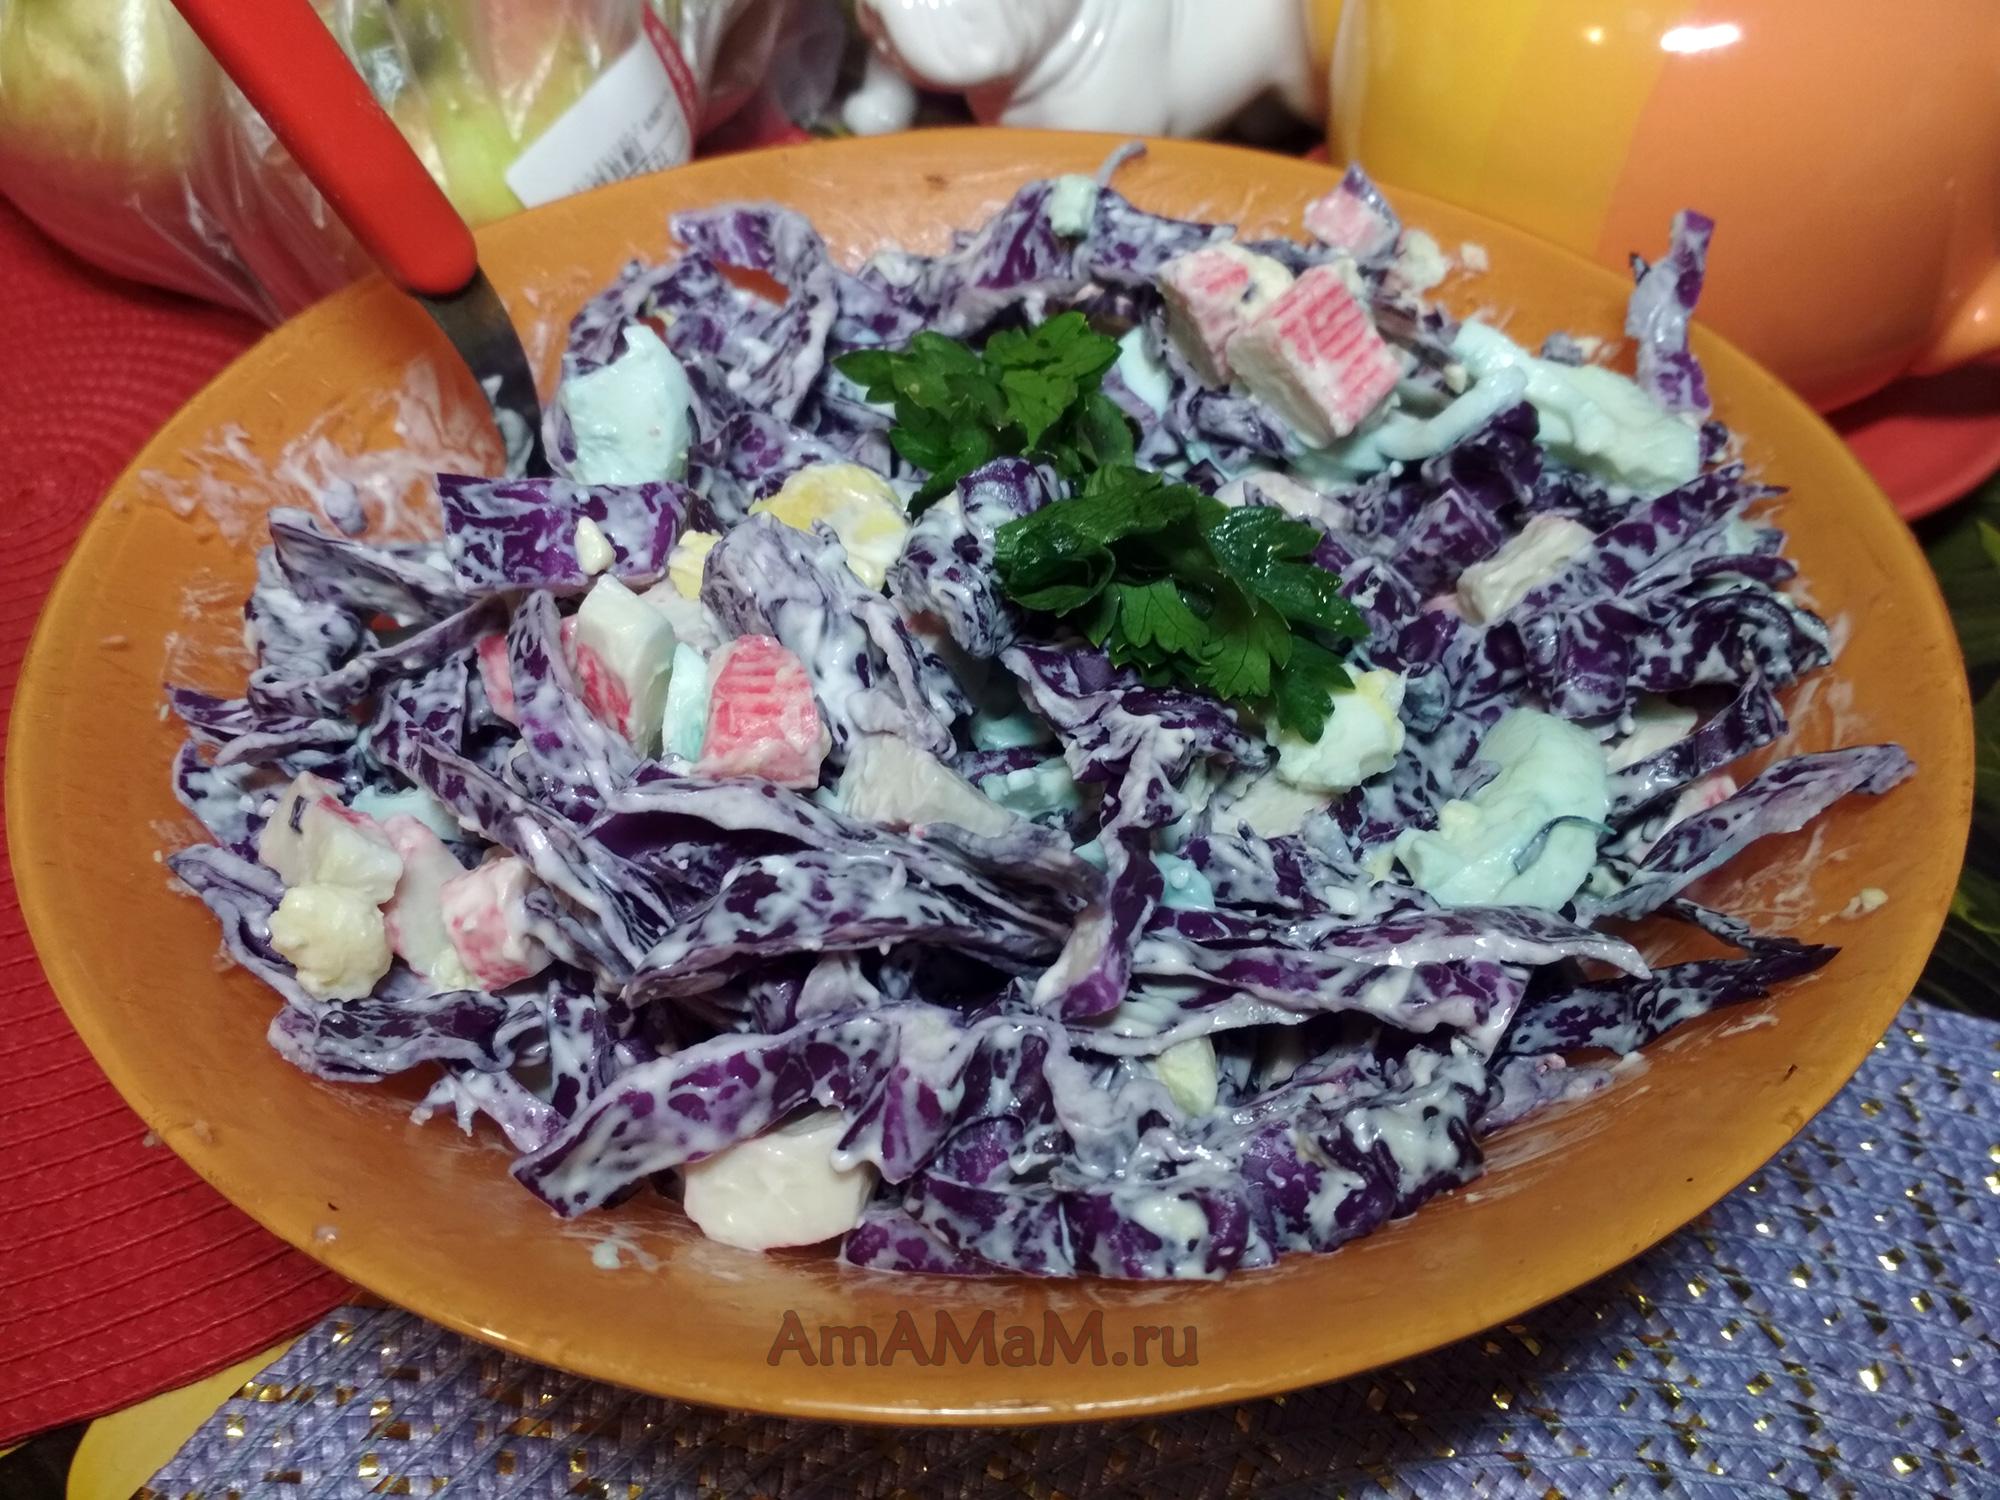 Салат из красной капусты с крабовыми палочками и яйцами